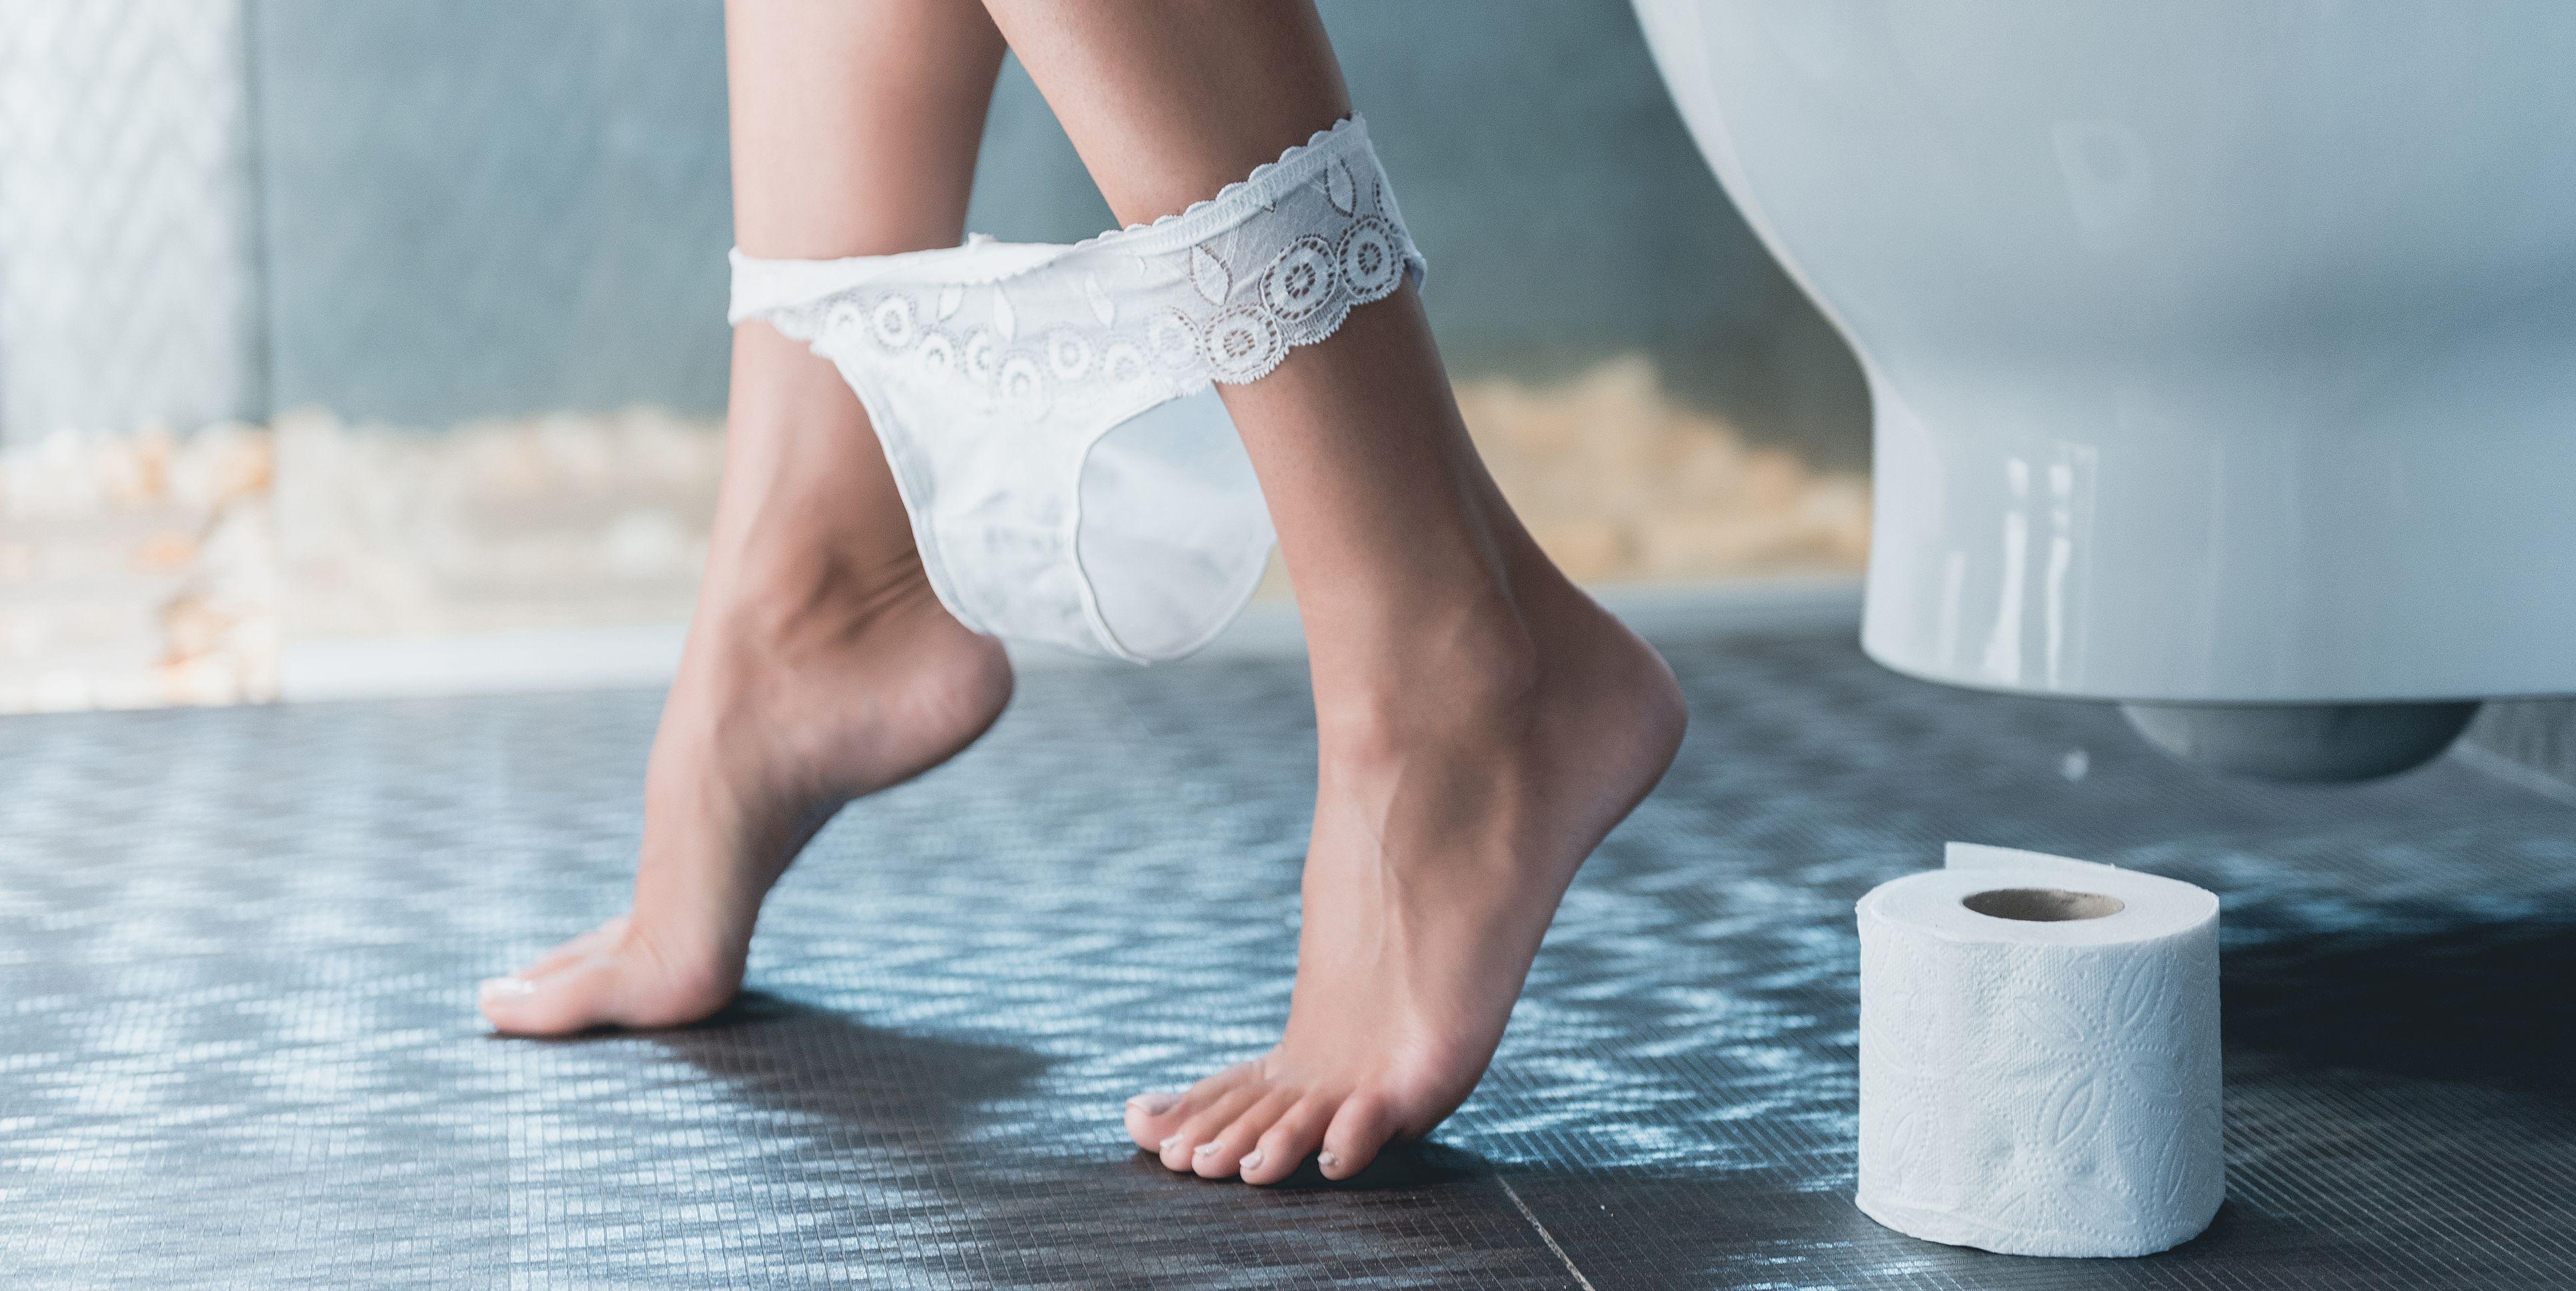 Beautiful Slender Legs of White Girl on Toilet.